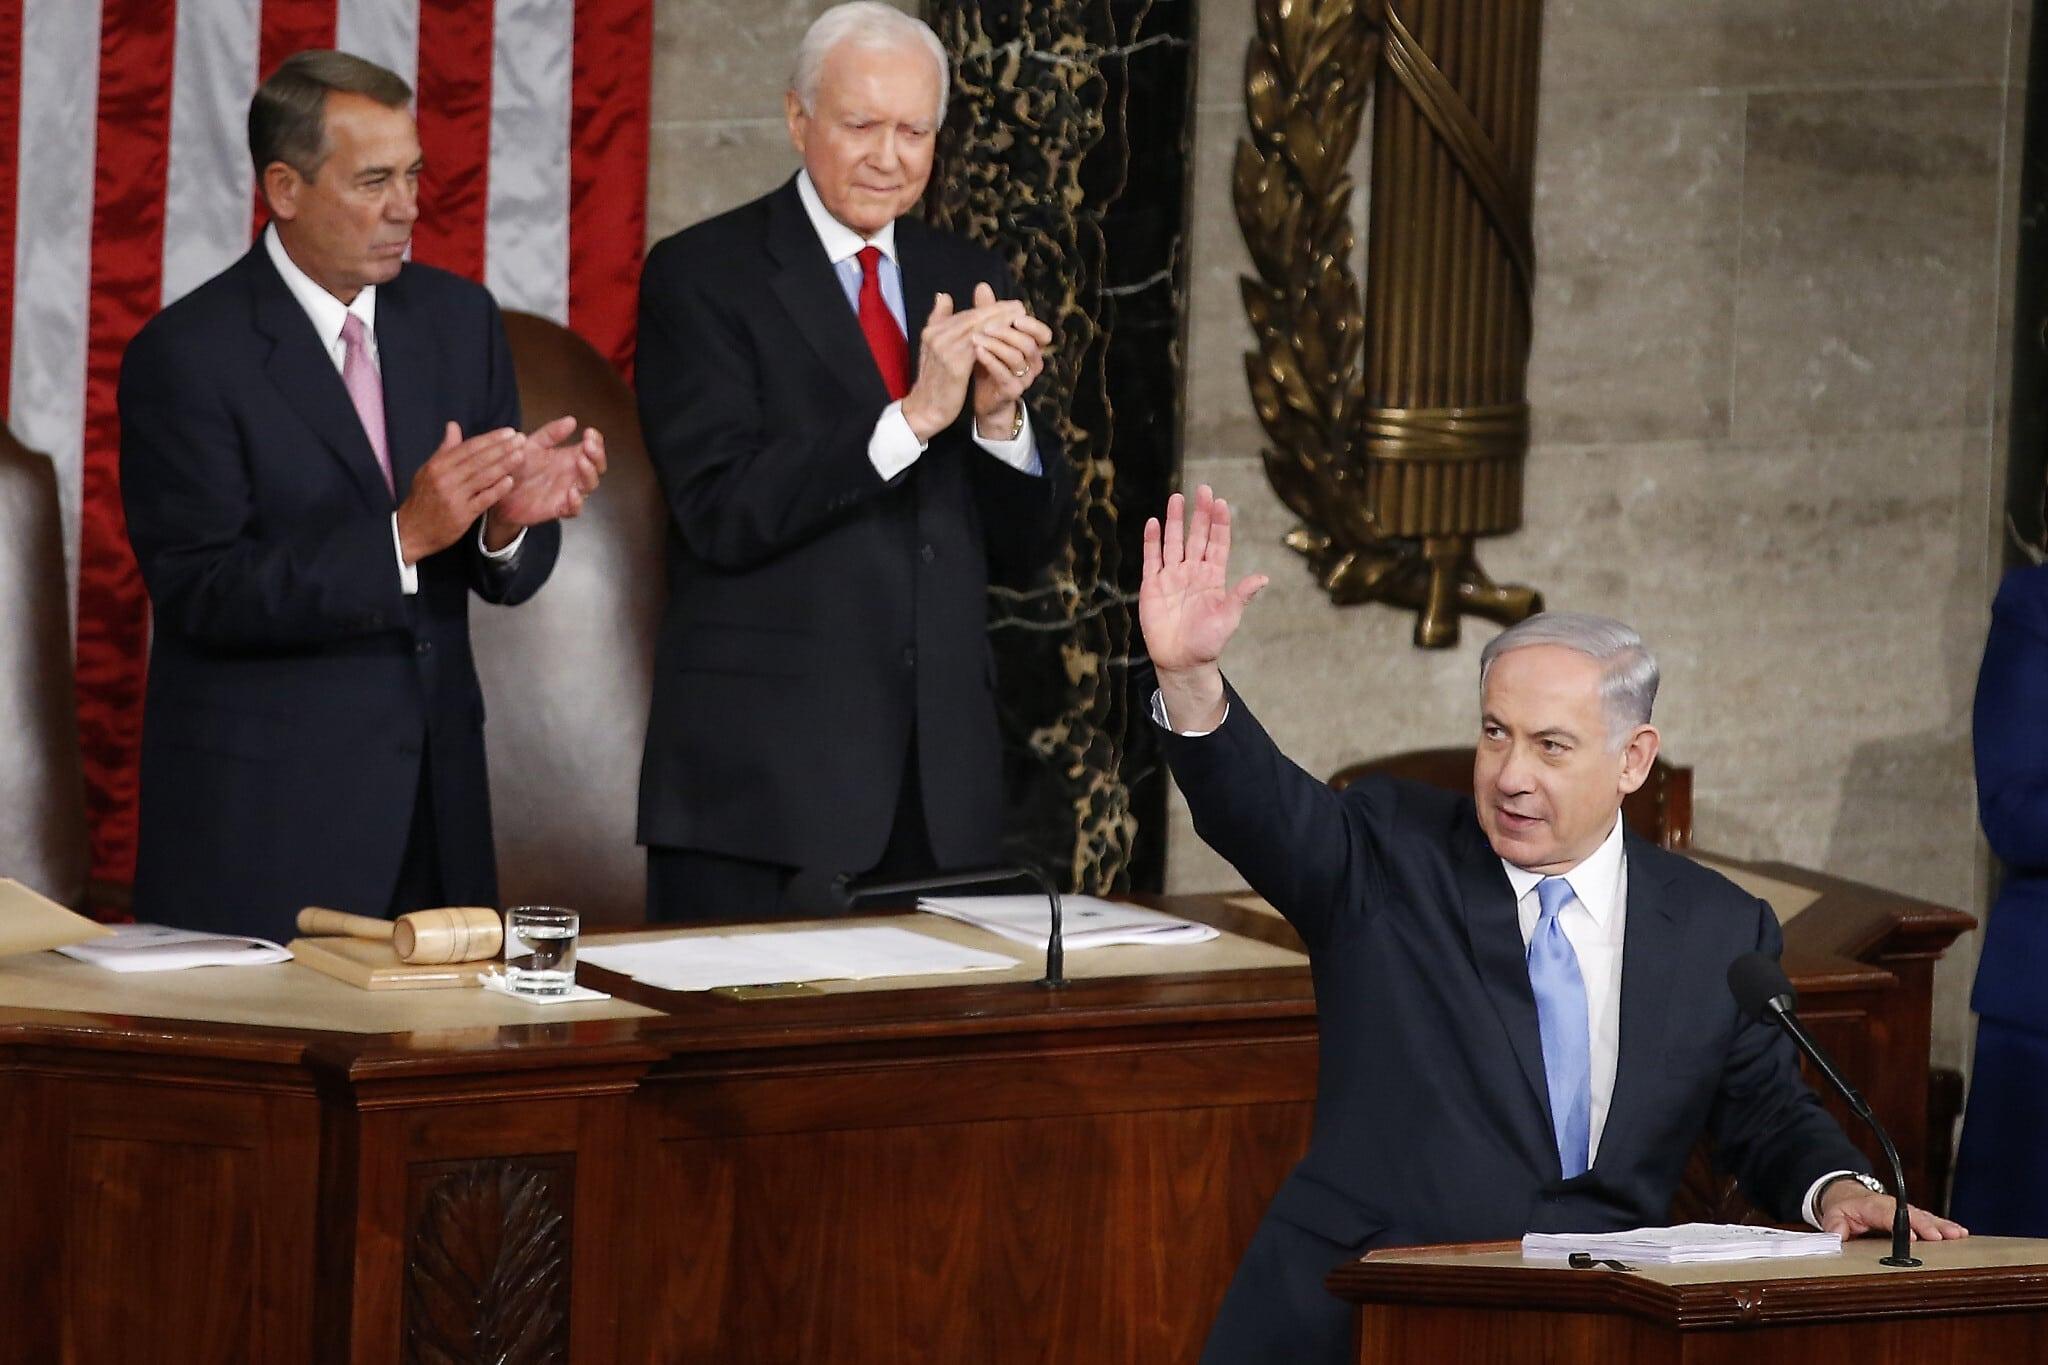 בנימין נתניהו נואם בקונגרס האמריקאי נגד הסכם הגרעין עם איראן, ב-3 במרץ 2015 (צילום: AP Photo/Andrew Harnik)